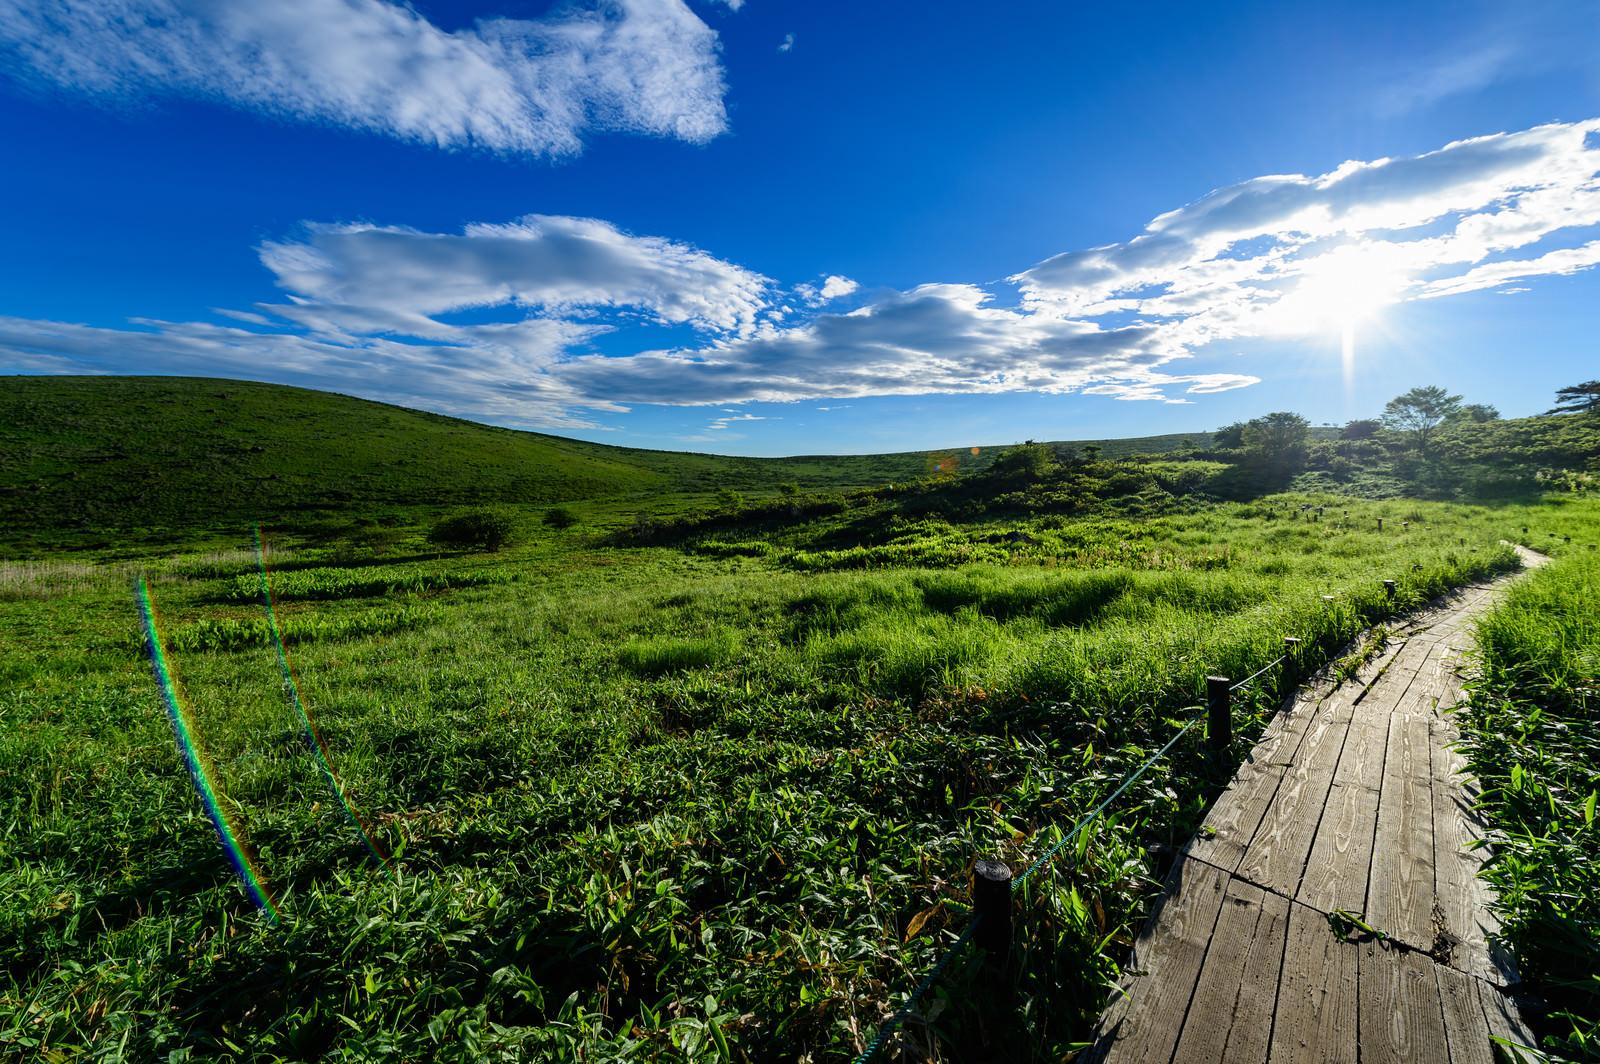 「夏の日差しと霧ヶ峰高原の遊歩道夏の日差しと霧ヶ峰高原の遊歩道」のフリー写真素材を拡大